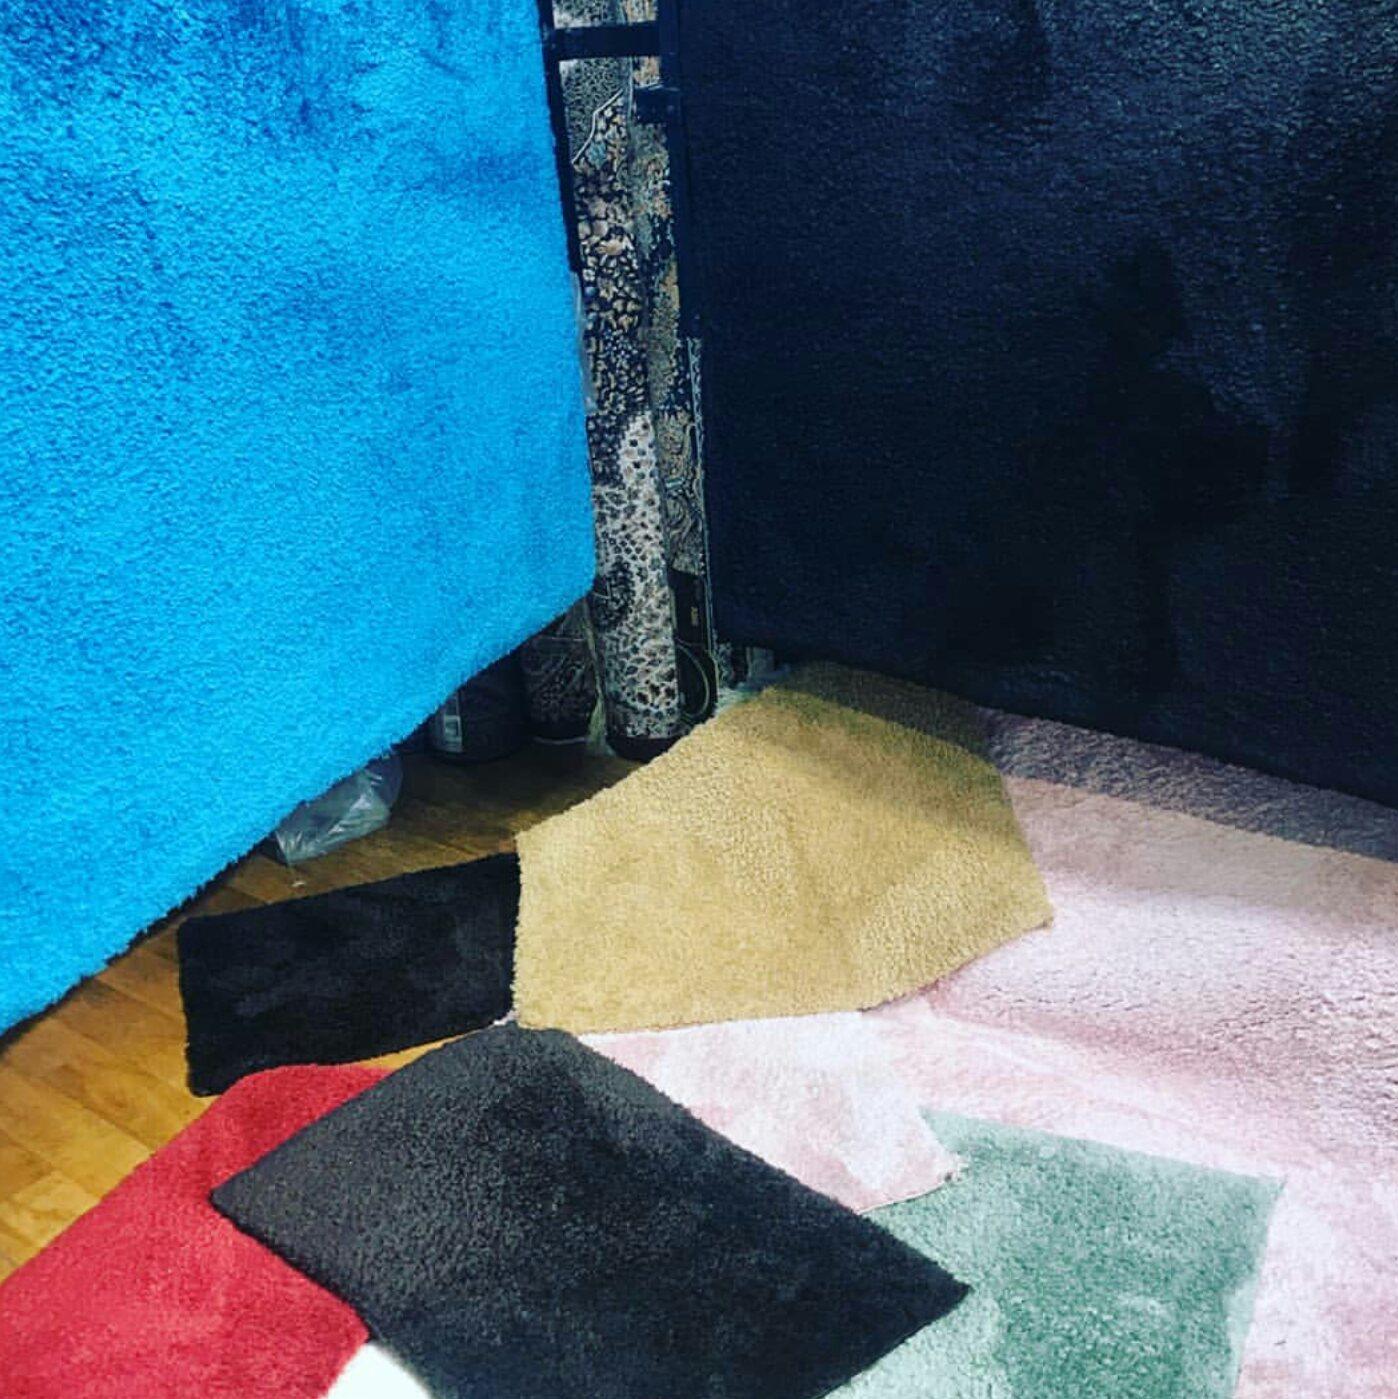 فرش مدرن هالی | فروش انواع فرش های مدرن ماشینی و دست بافت صادراتی و وارداتی